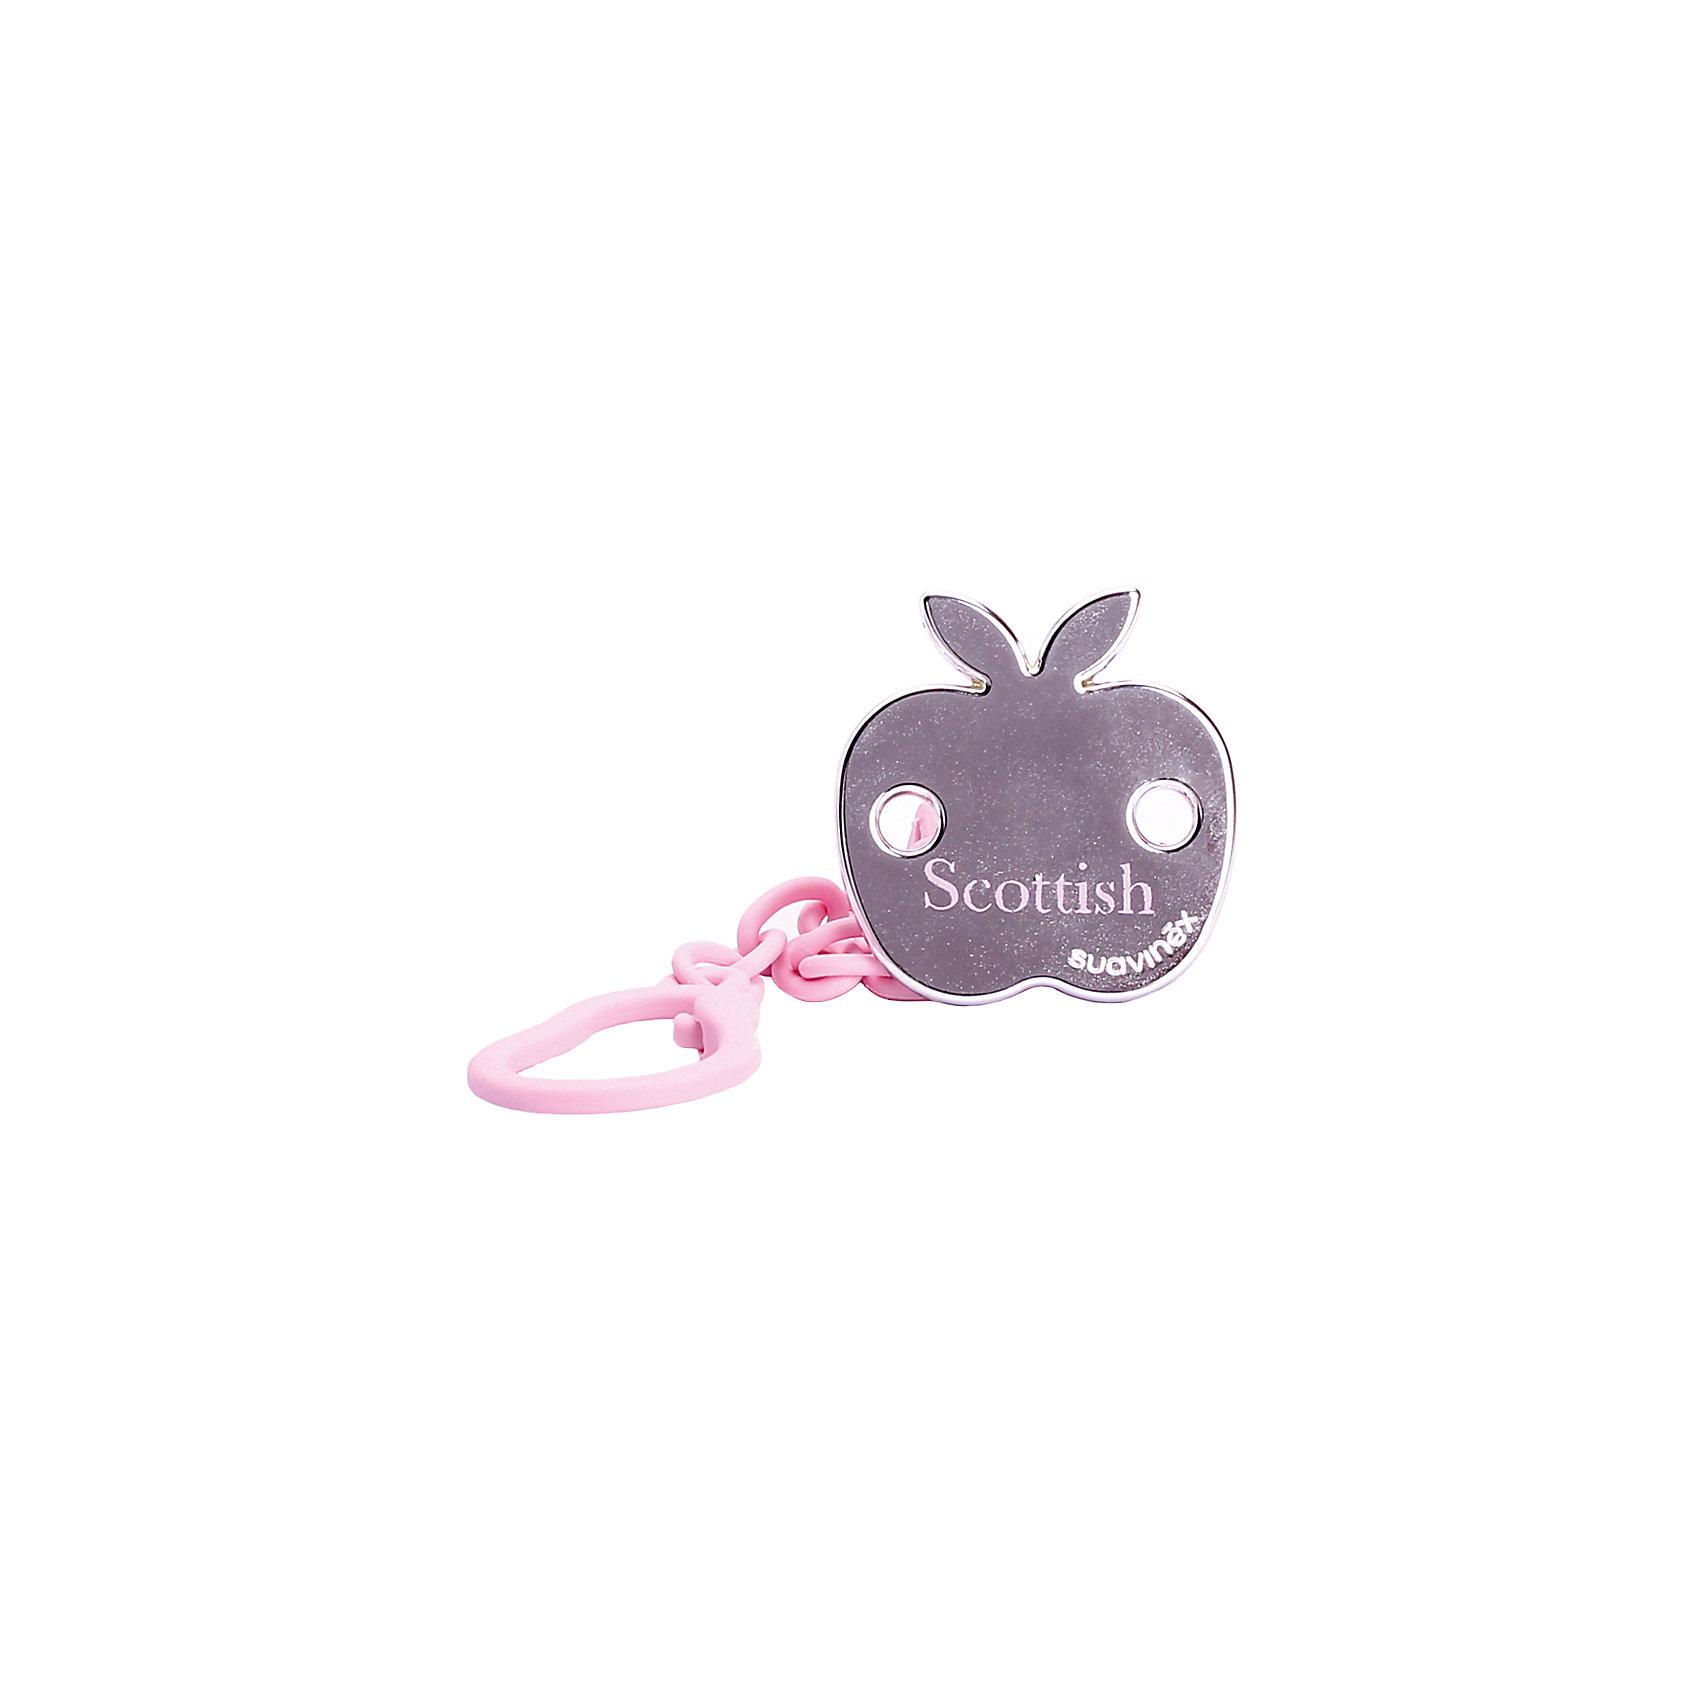 Держатель для пустышки SCOTTISH с зажимом, Suavinex, розовое яблокоХарактеристики:<br><br>• Наименование: держатель для пустышки<br>• Пол: для девочки<br>• Материал: пластик<br>• Цвет: розовый, золотистый<br>• Рисунок: яблоко<br>• Универсальный механизм для закрепления любых пустышек<br>• Вид держателя: на цепочке с клипсой<br>• Покрытие с эффектом позолоты<br>• Вес: 30 г<br>• Параметры (Д*Ш*В): 5,4*6,5*10,9 см <br>• Особенности ухода: можно мыть в теплой воде, допускается стерилизация<br><br>Держатель для пустышки SCOTTISH с зажимом, Suavinex, розовое яблоко изготовлен испанским торговым брендом, специализирующимся на выпуске товаров для кормления и аксессуаров для младенцев. Продукция от Suavinex премиум-класса разработана из экологически безопасных и прочных материалов, устойчивых к повреждениям, появлению царапин и изменению цвета. <br><br>Держатель для пустышки выполнен в виде цепочки с крупными звеньями, С одной стороны, у держателя предусмотрено кольцо, с другой – клипса. Клипса оформлена в брендовом дизайне в виде яблока с эффектом позолоты. Держатель для пустышки SCOTTISH с зажимом, Suavinex, розовое яблоко – это не только необходимый предмет ухода за младенцем, но и стильный аксессуар. <br><br>Держатель для пустышки SCOTTISH с зажимом, Suavinex, розовое яблоко можно купить в нашем интернет-магазине.<br><br>Ширина мм: 54<br>Глубина мм: 65<br>Высота мм: 109<br>Вес г: 30<br>Возраст от месяцев: 0<br>Возраст до месяцев: 24<br>Пол: Женский<br>Возраст: Детский<br>SKU: 5451301